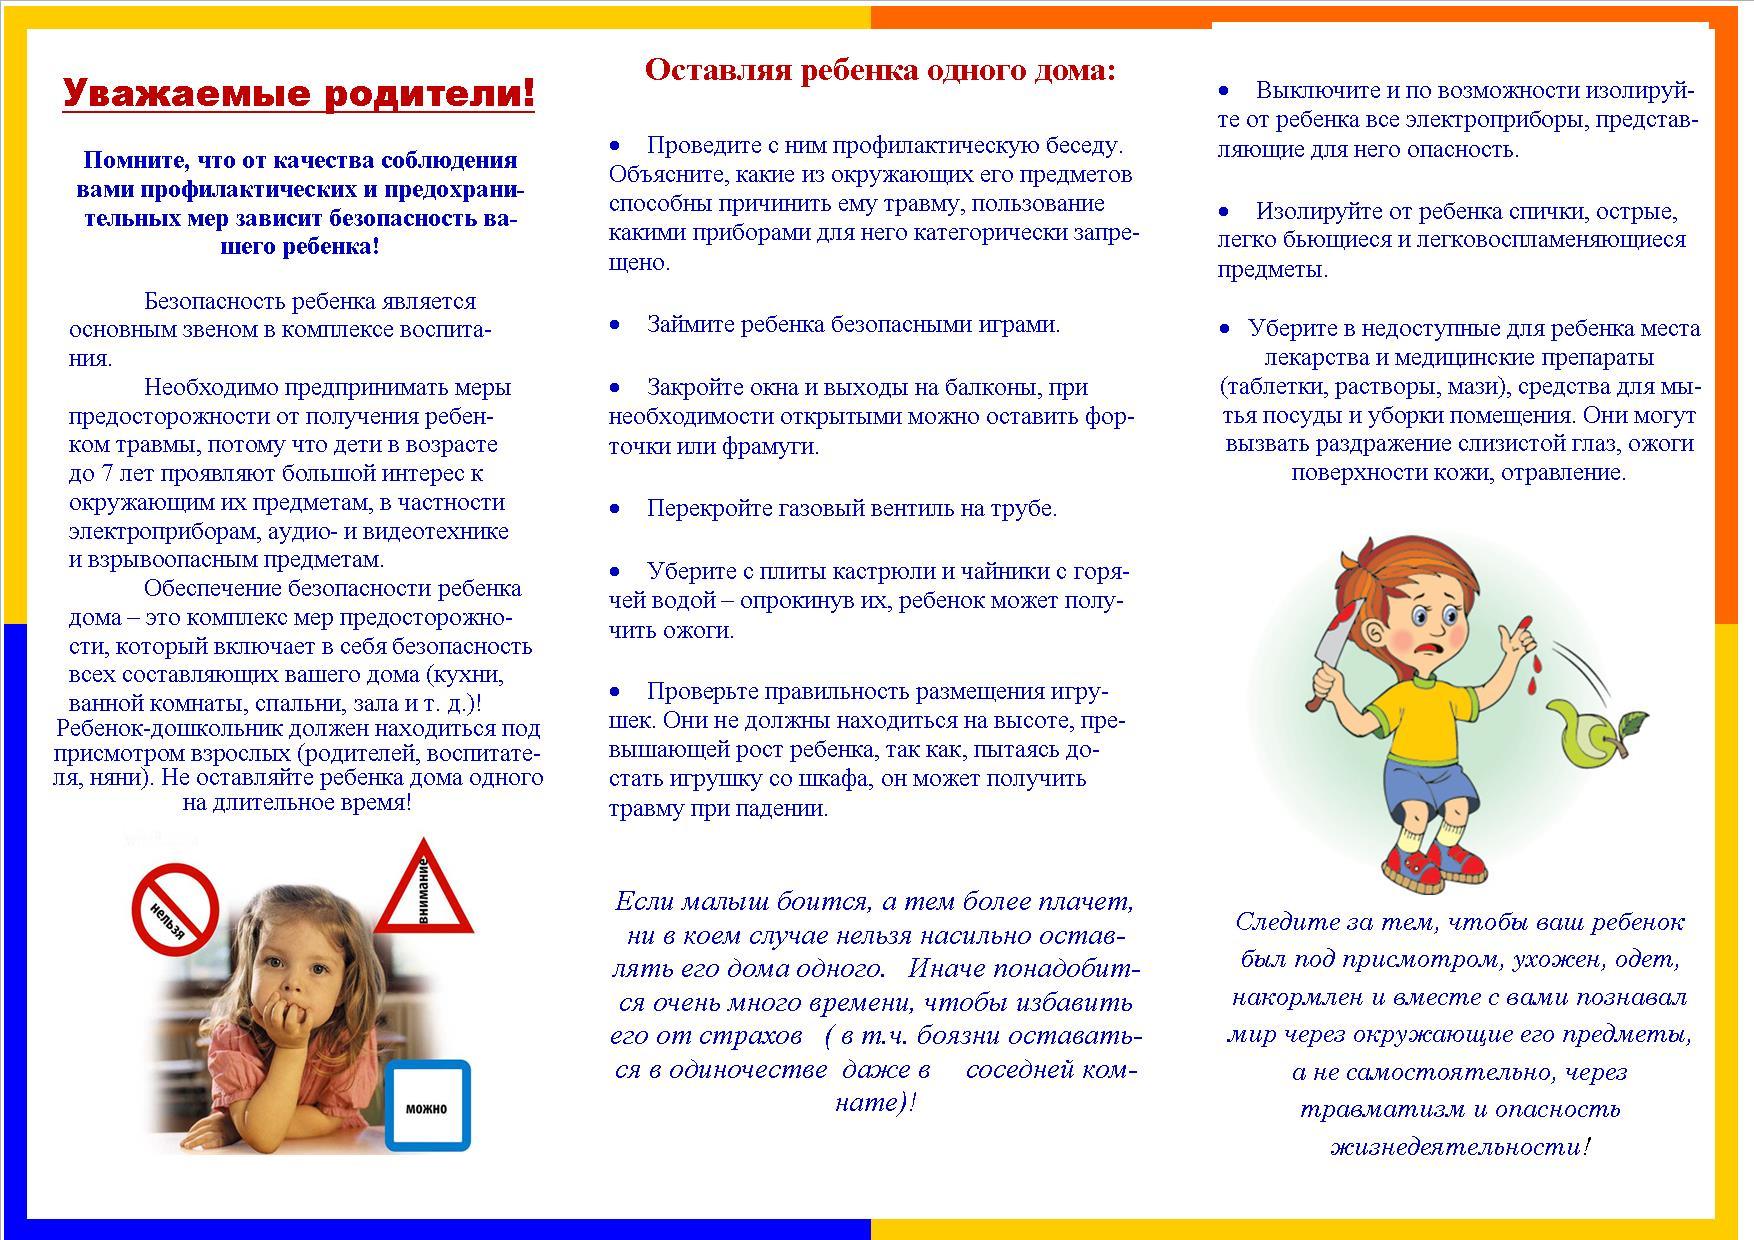 Как обеспечить безопасность малыша на разных этапах развития. как уберечь малыша, когда он учится сидеть, ползать, ходить